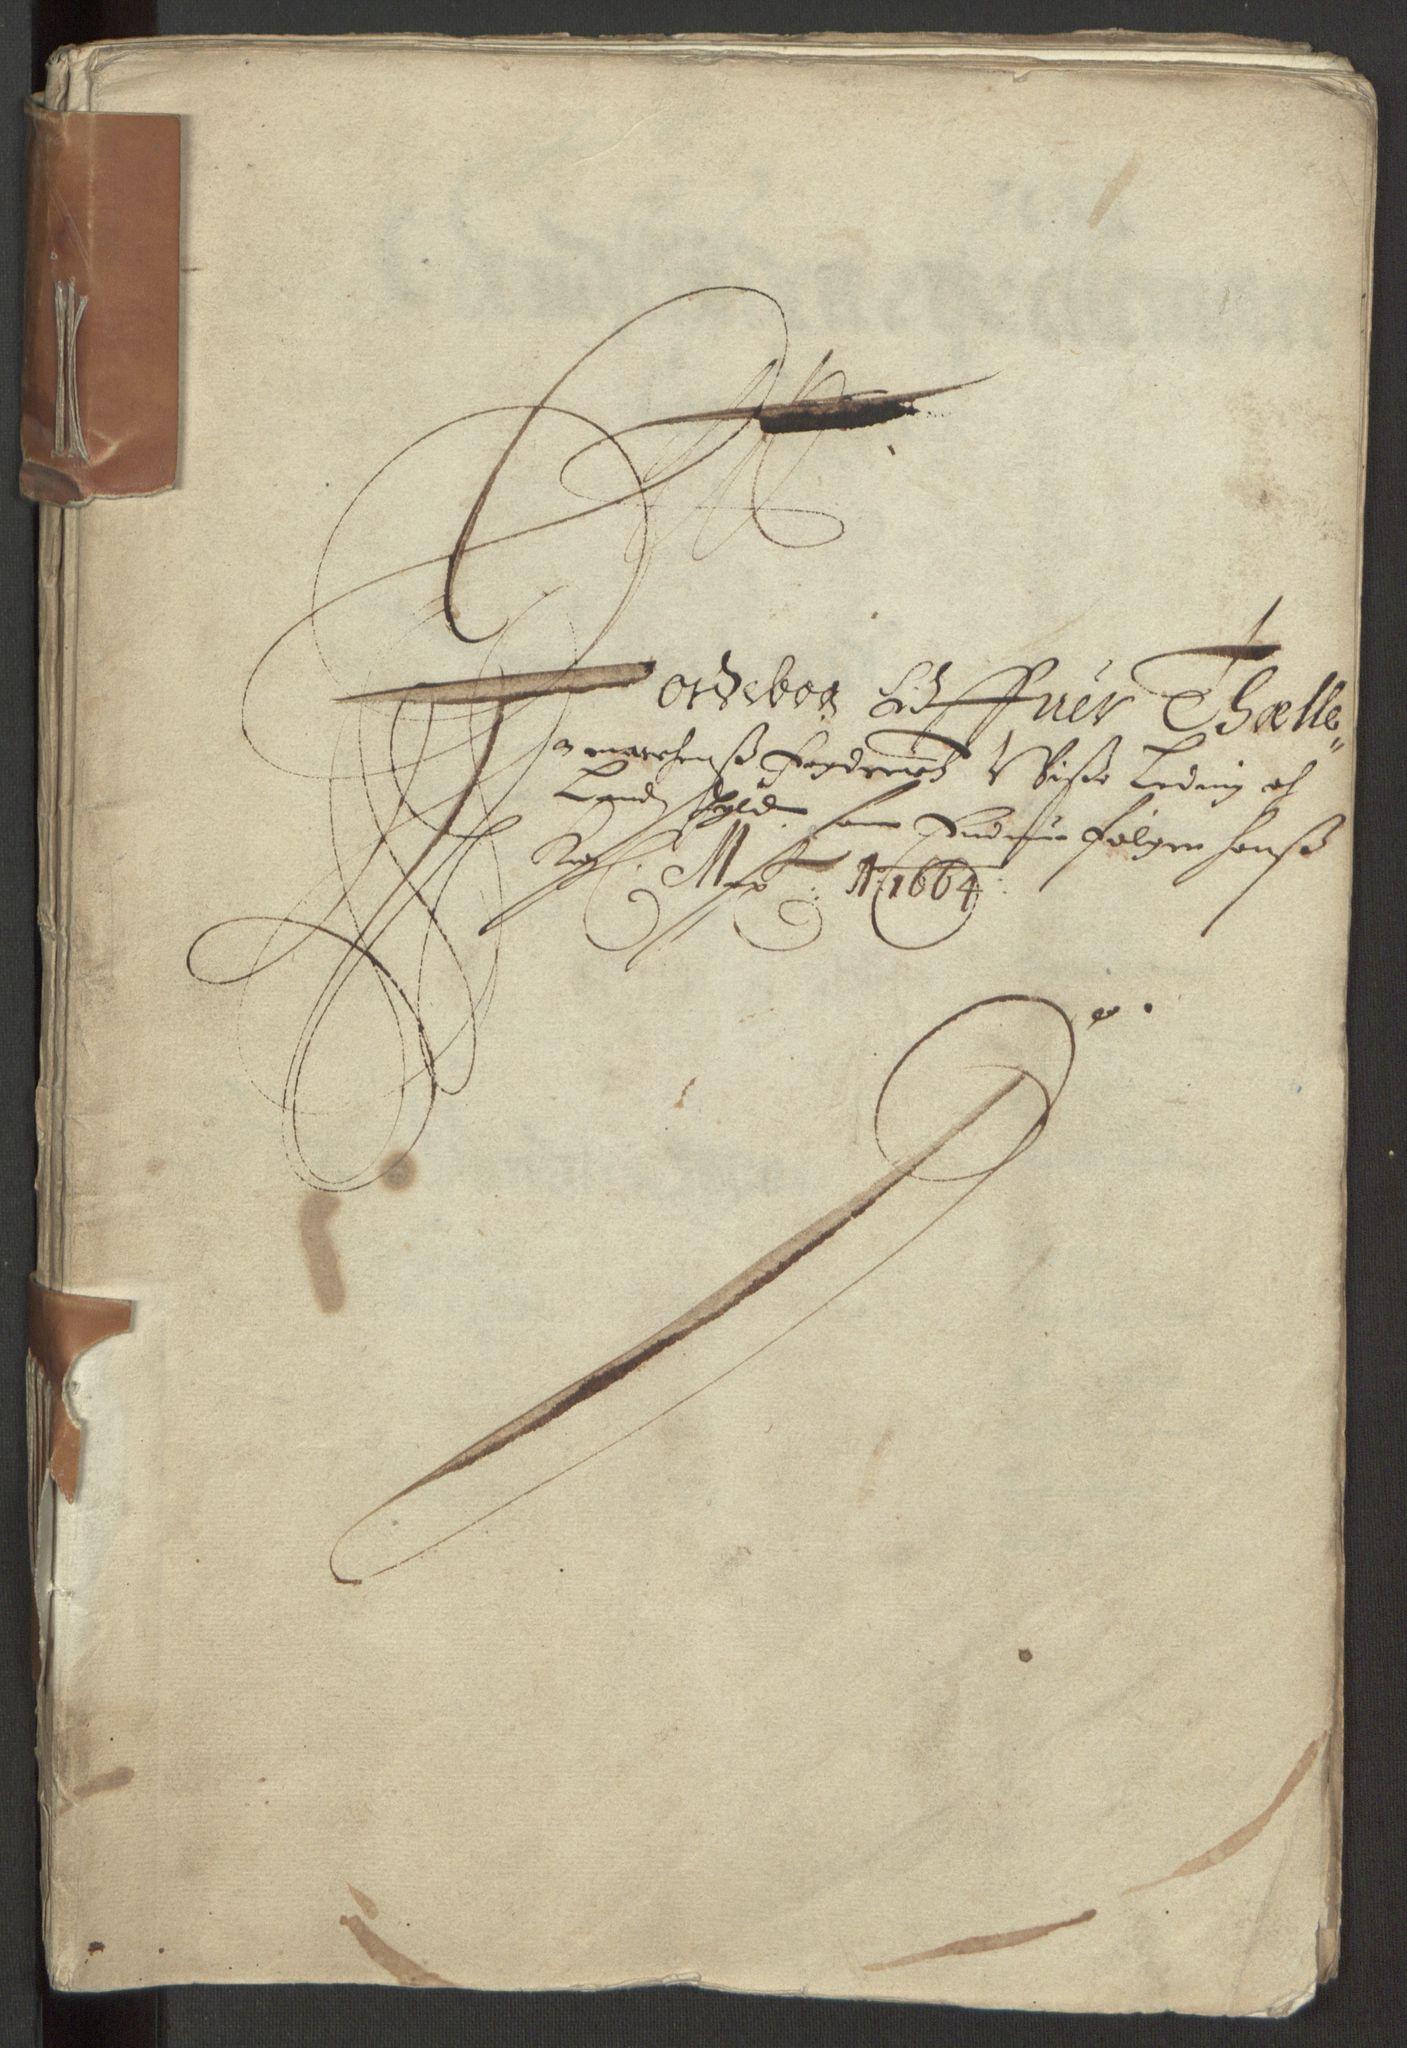 RA, Rentekammeret inntil 1814, Reviderte regnskaper, Fogderegnskap, R35/L2055: Fogderegnskap Øvre og Nedre Telemark, 1664, s. 301